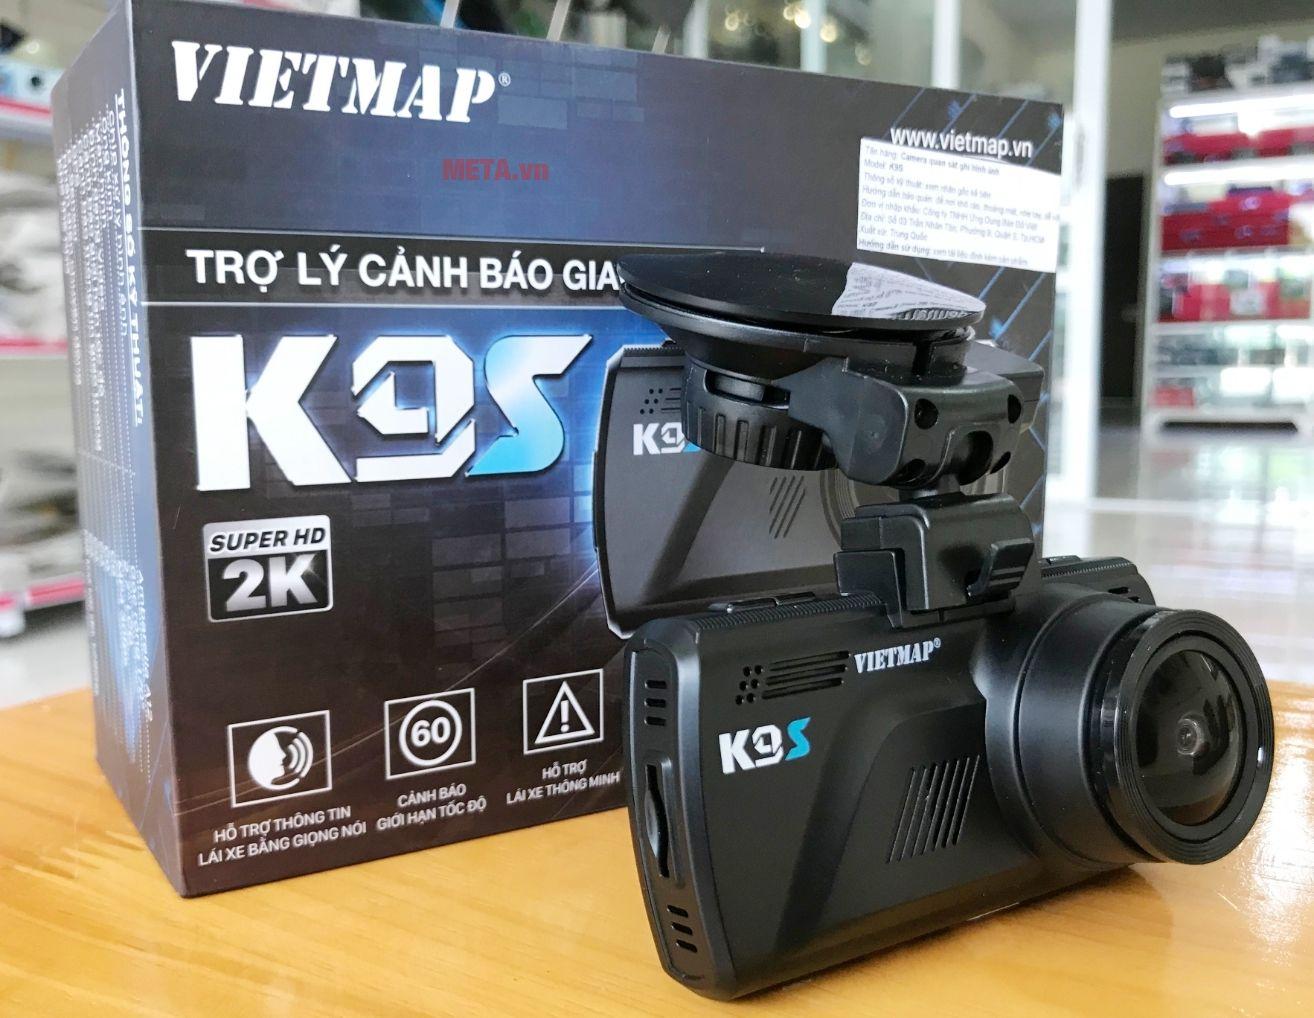 Hình ảnh cùng vỏ ngoài camera hành trình Vietmap K9S